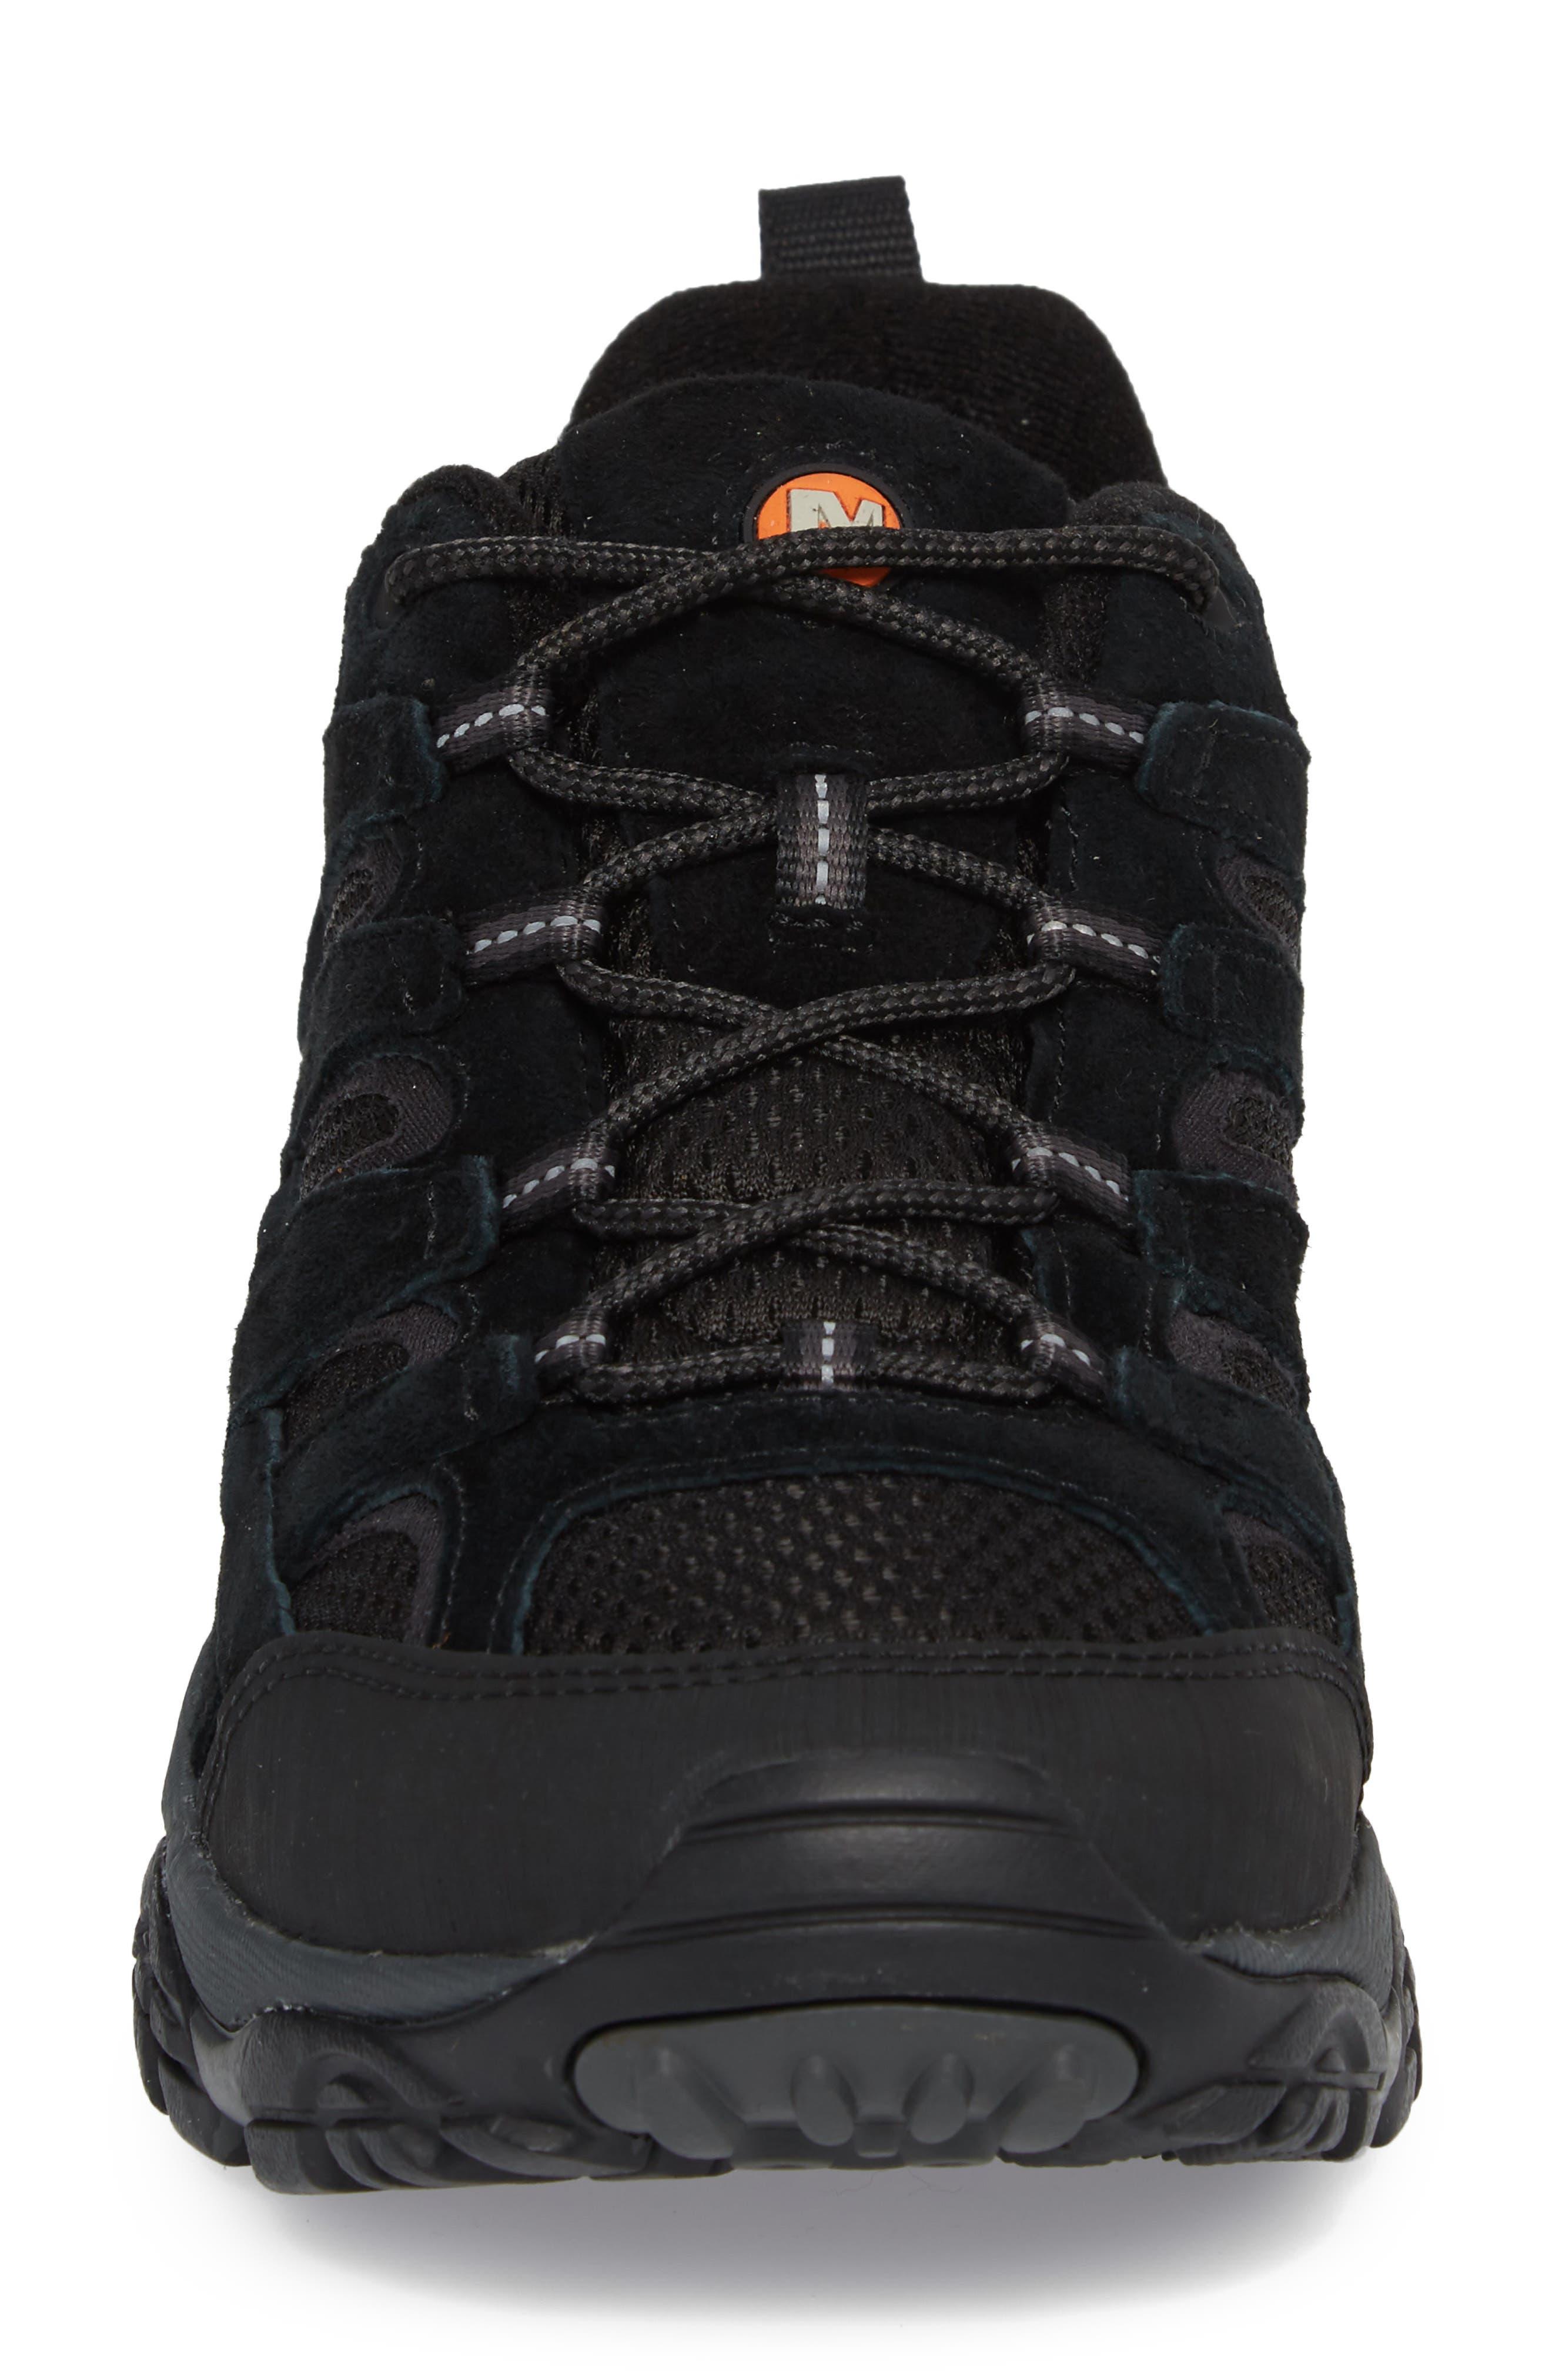 MERRELL, Moab 2 Ventilator Hiking Shoe, Alternate thumbnail 4, color, BLACK NIGHT